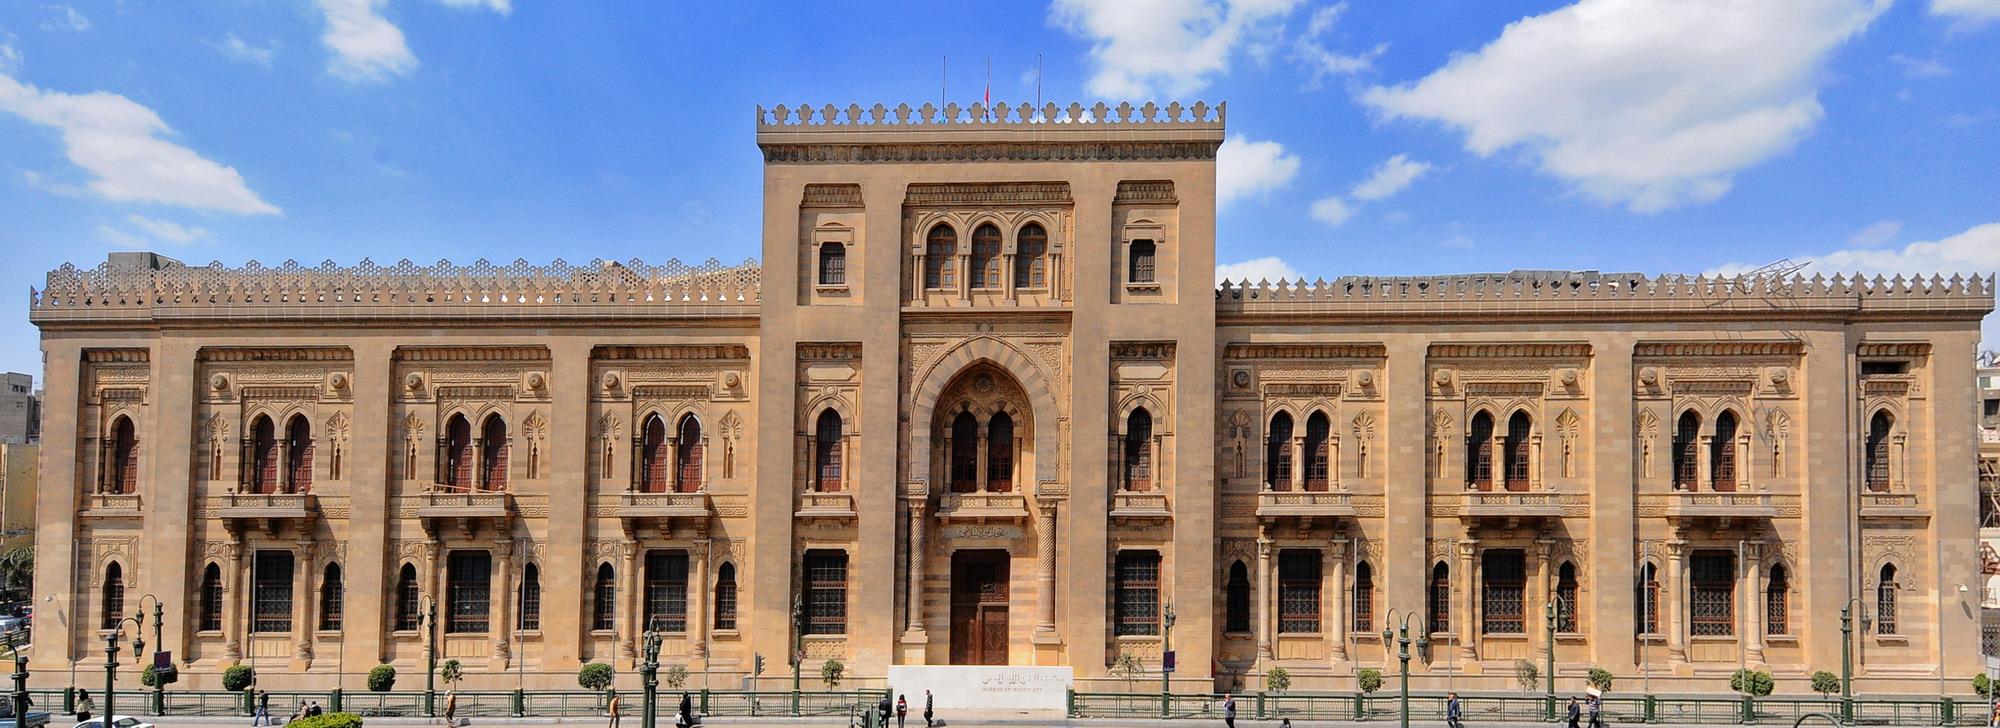 Islamic Architecture In Cairo Pdf